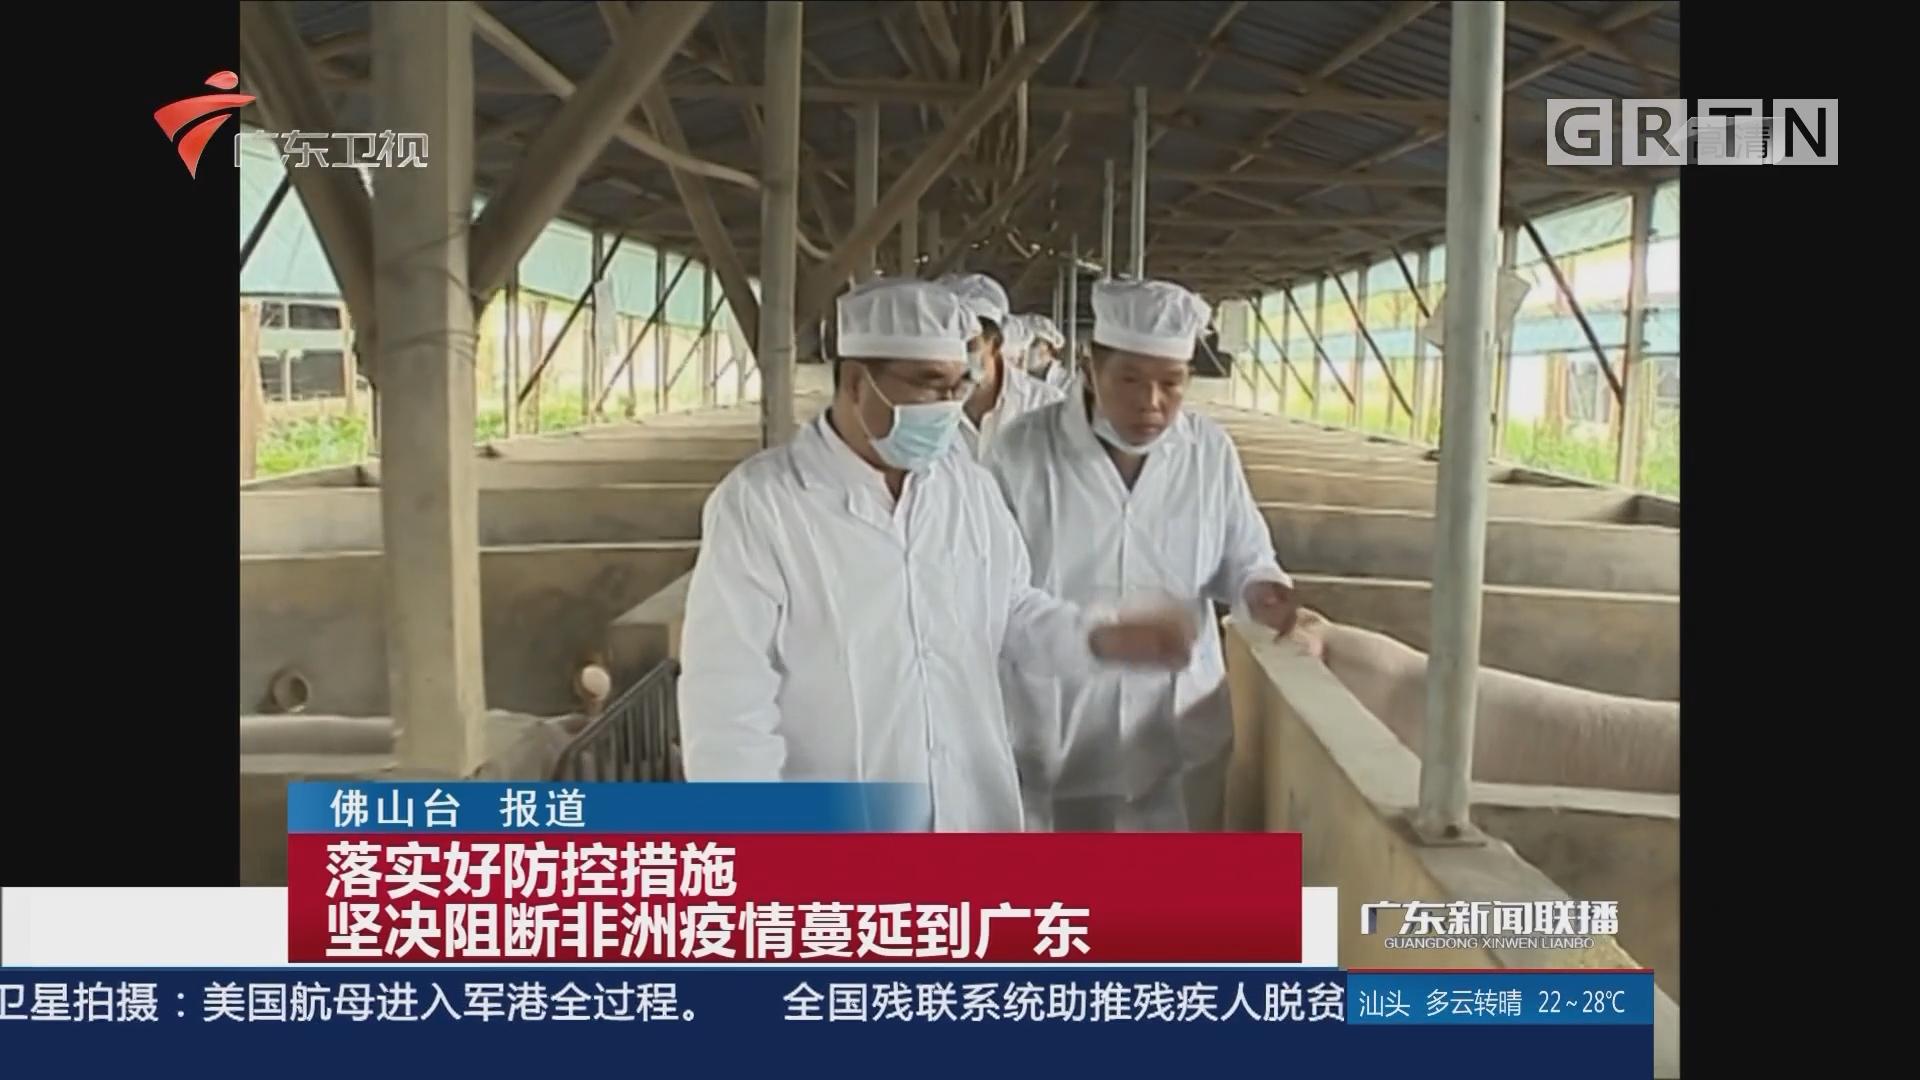 落实好防控措施 坚决阻断非洲疫情蔓延到广东